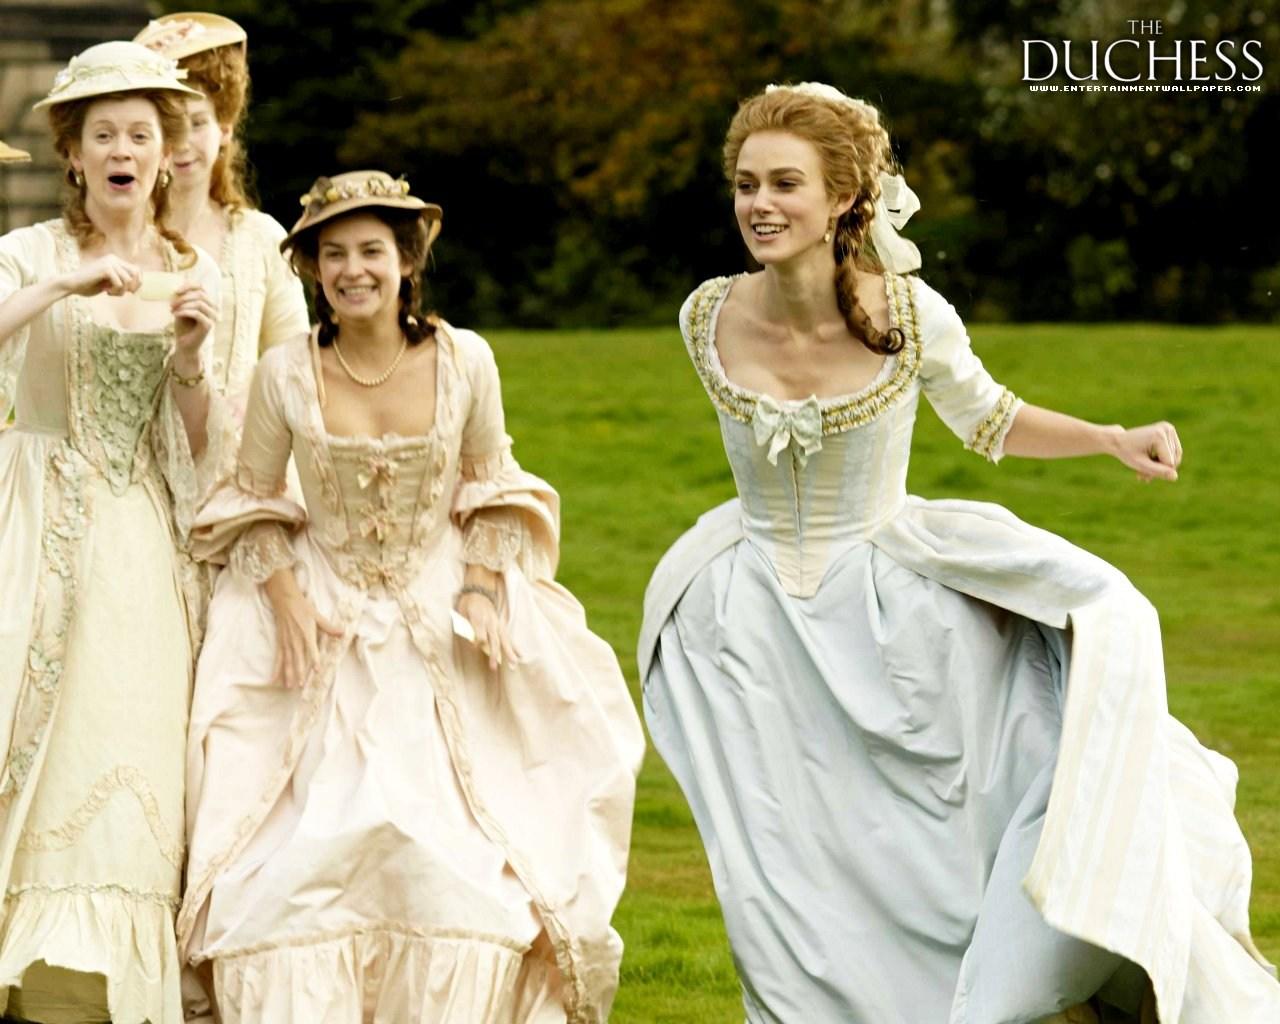 Hajdemo u bioskop - Filmska kritika The_duchess04